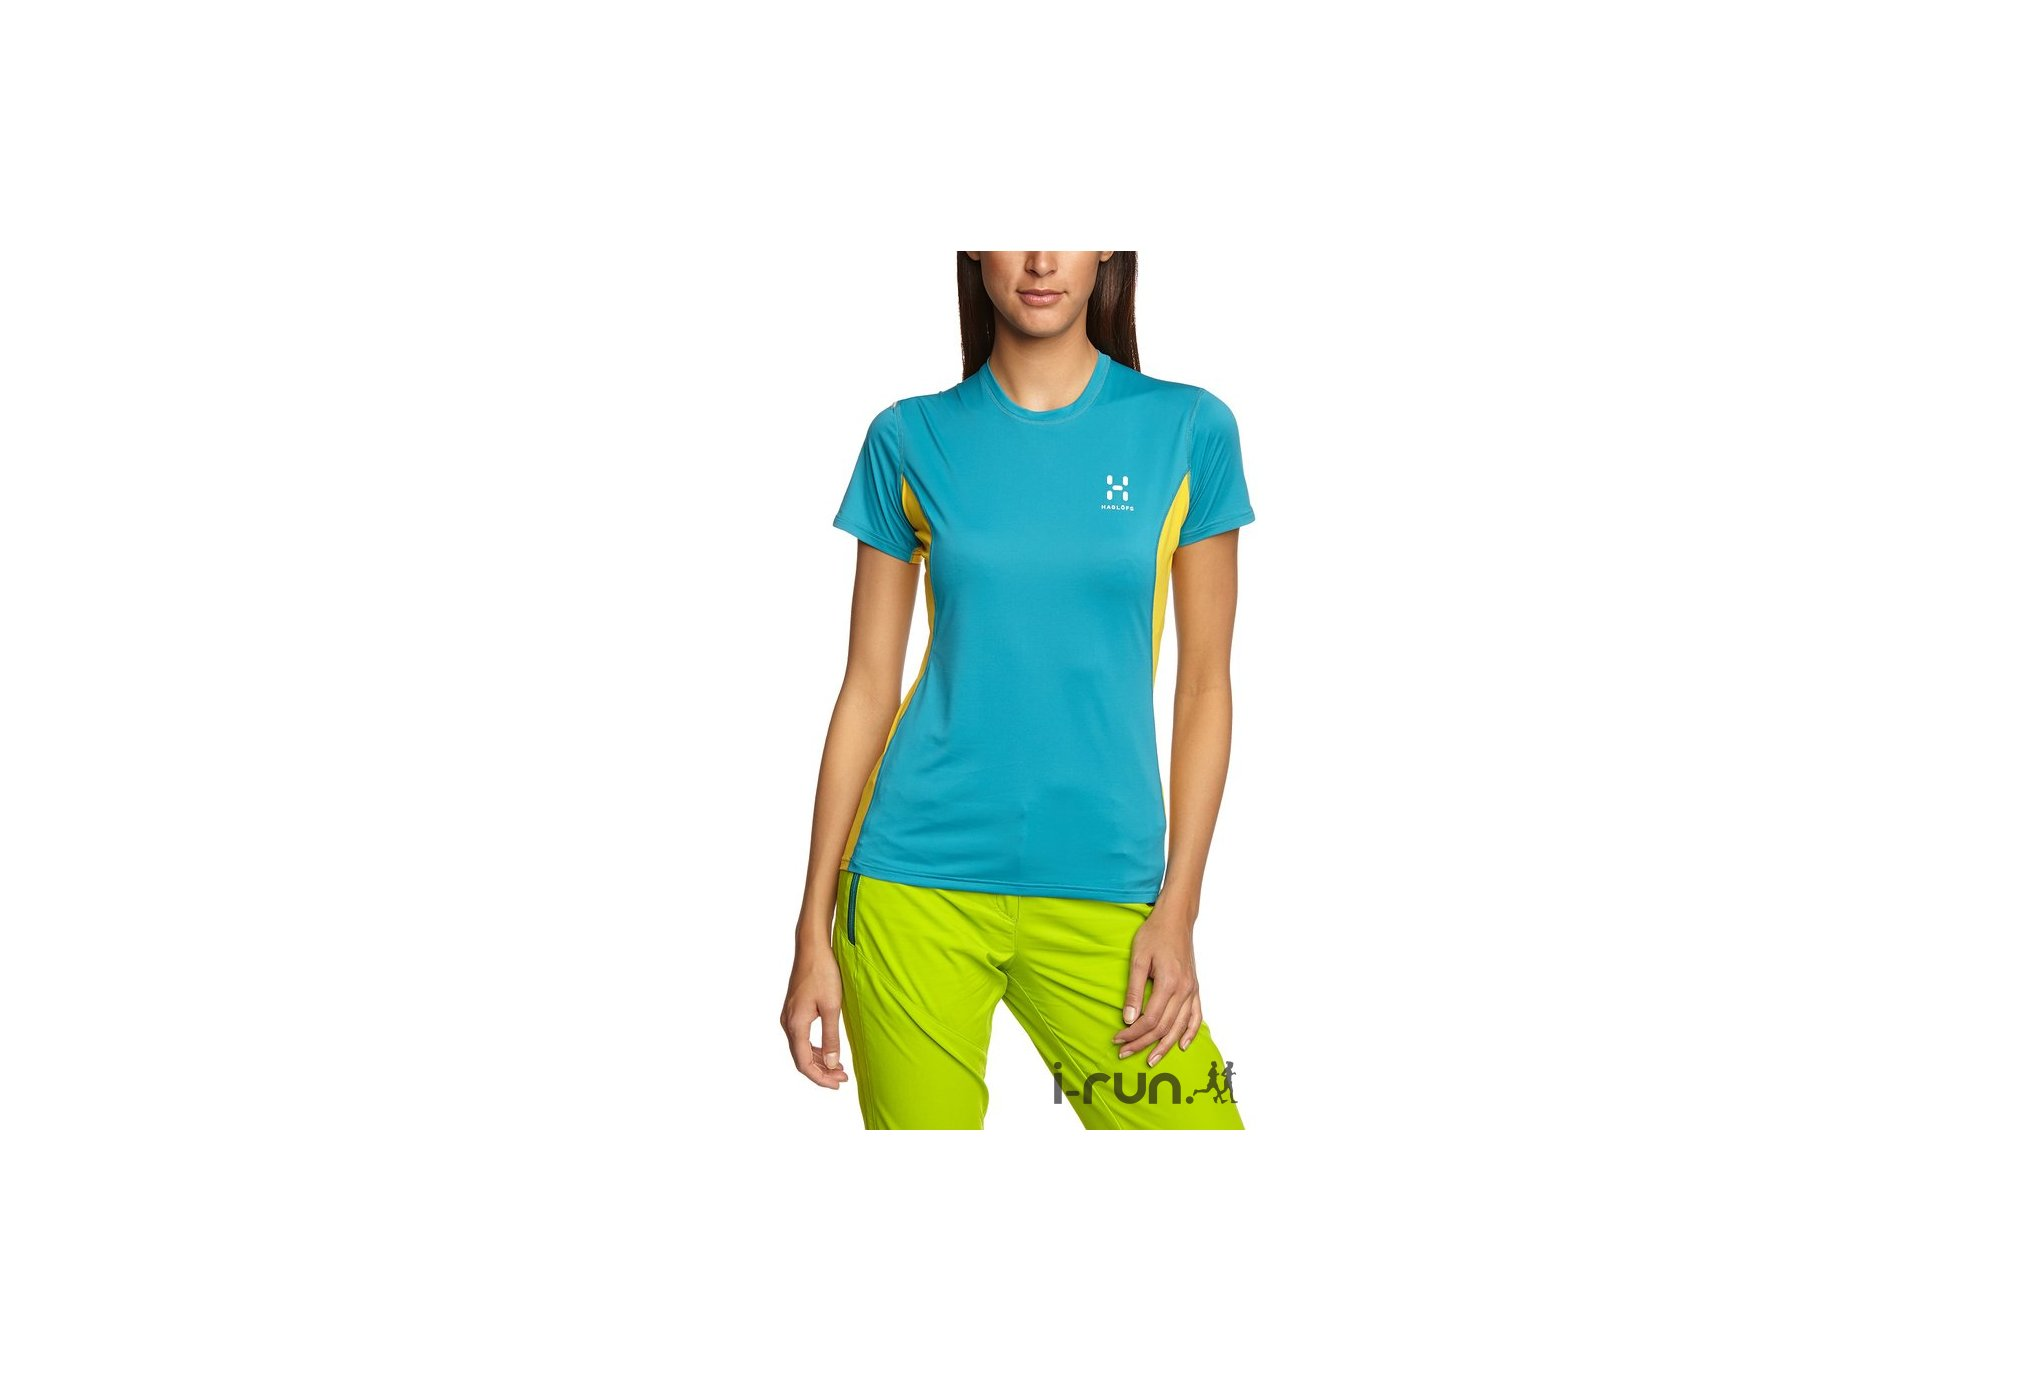 Haglöfs Tee-shirt L.I.M W Diététique Vêtements femme